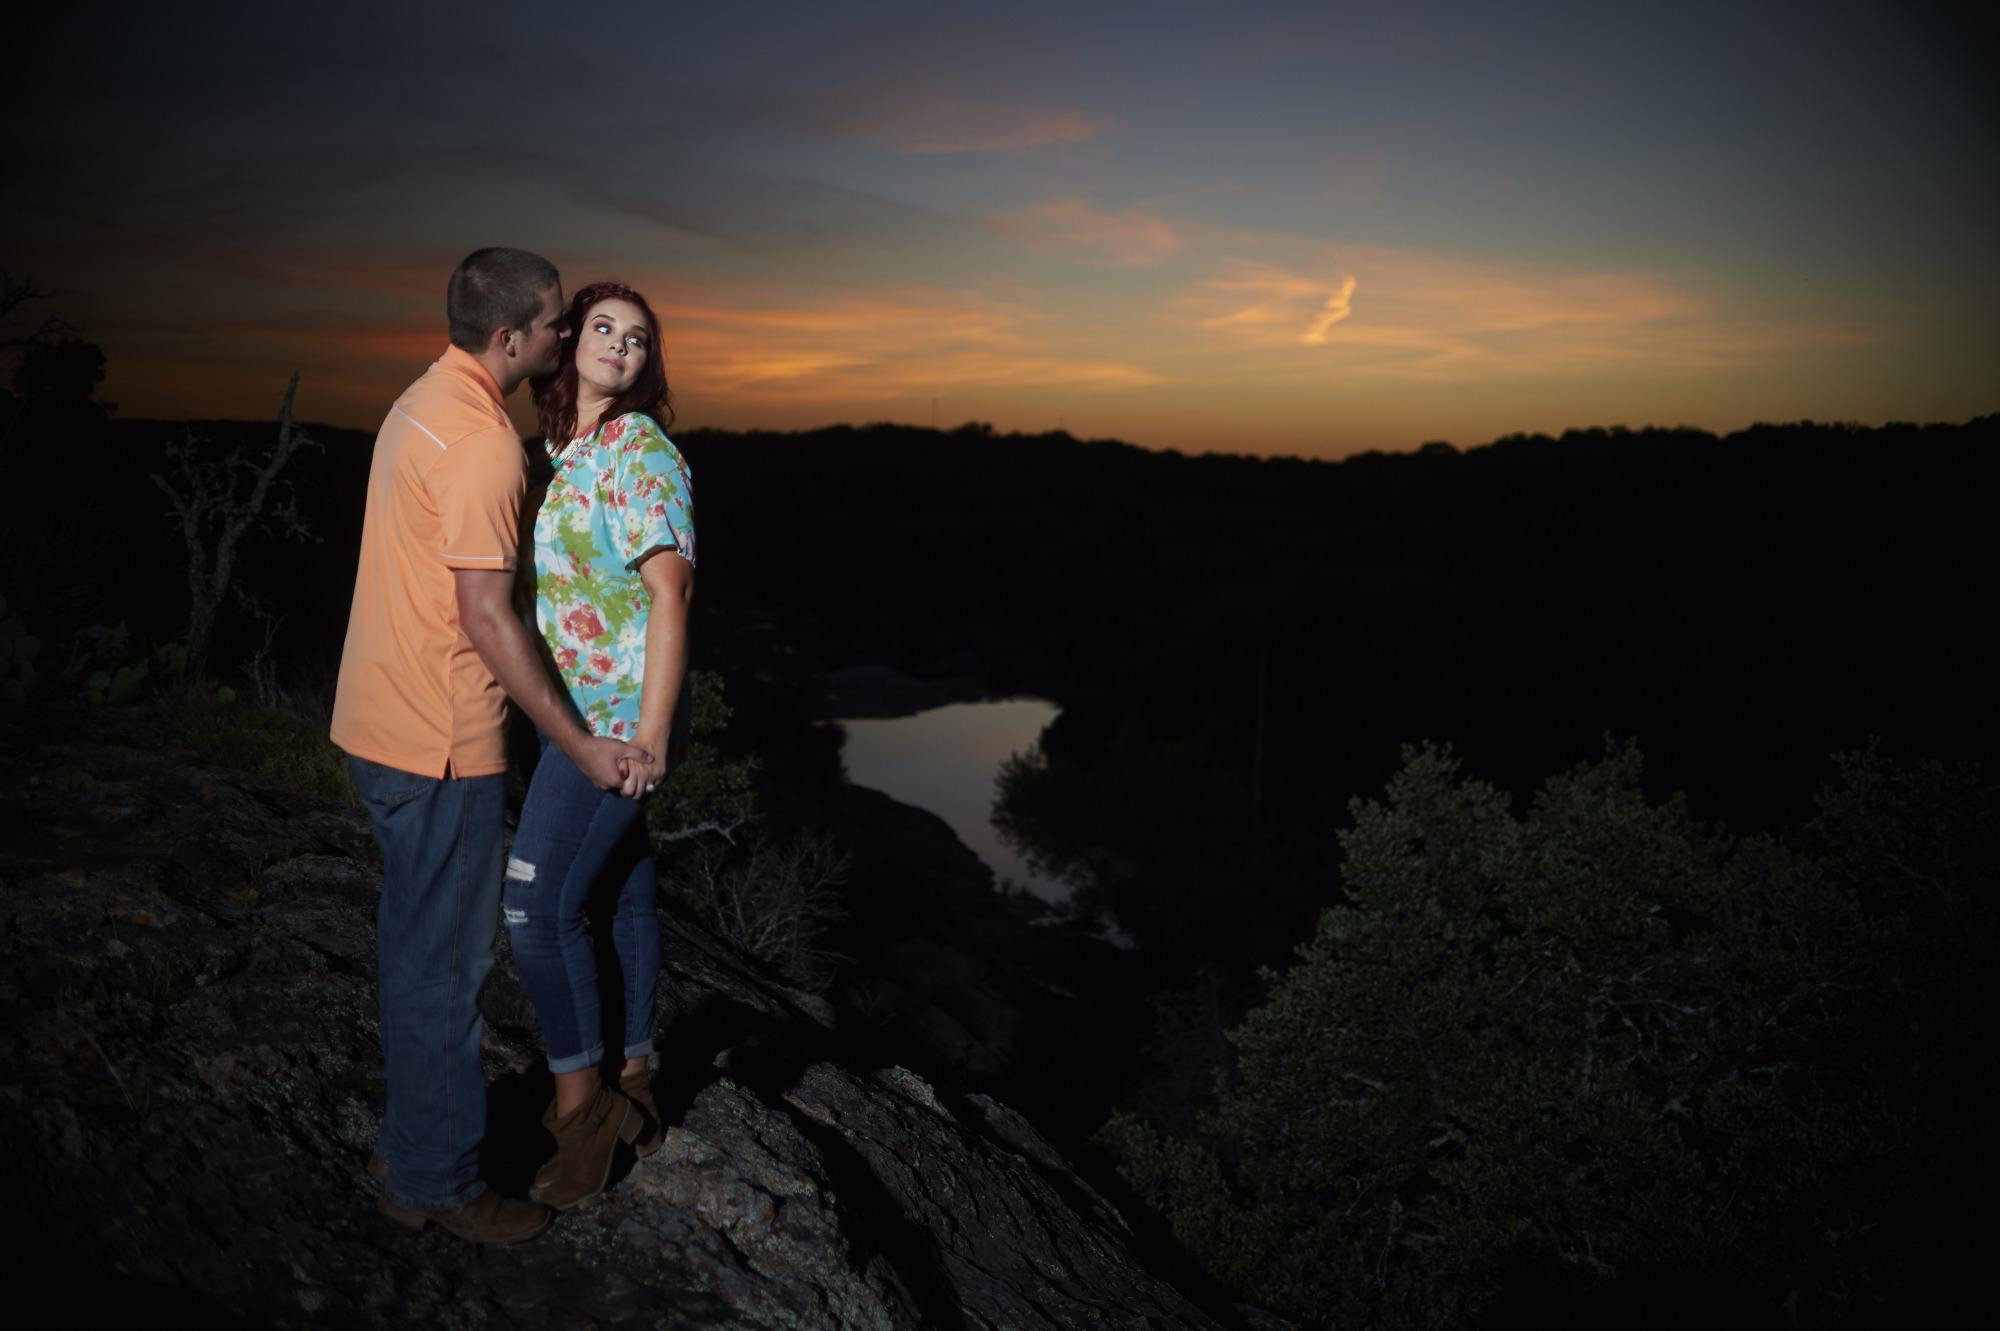 engagement-inks-lake-sunset-stars-jason-and-shay-005